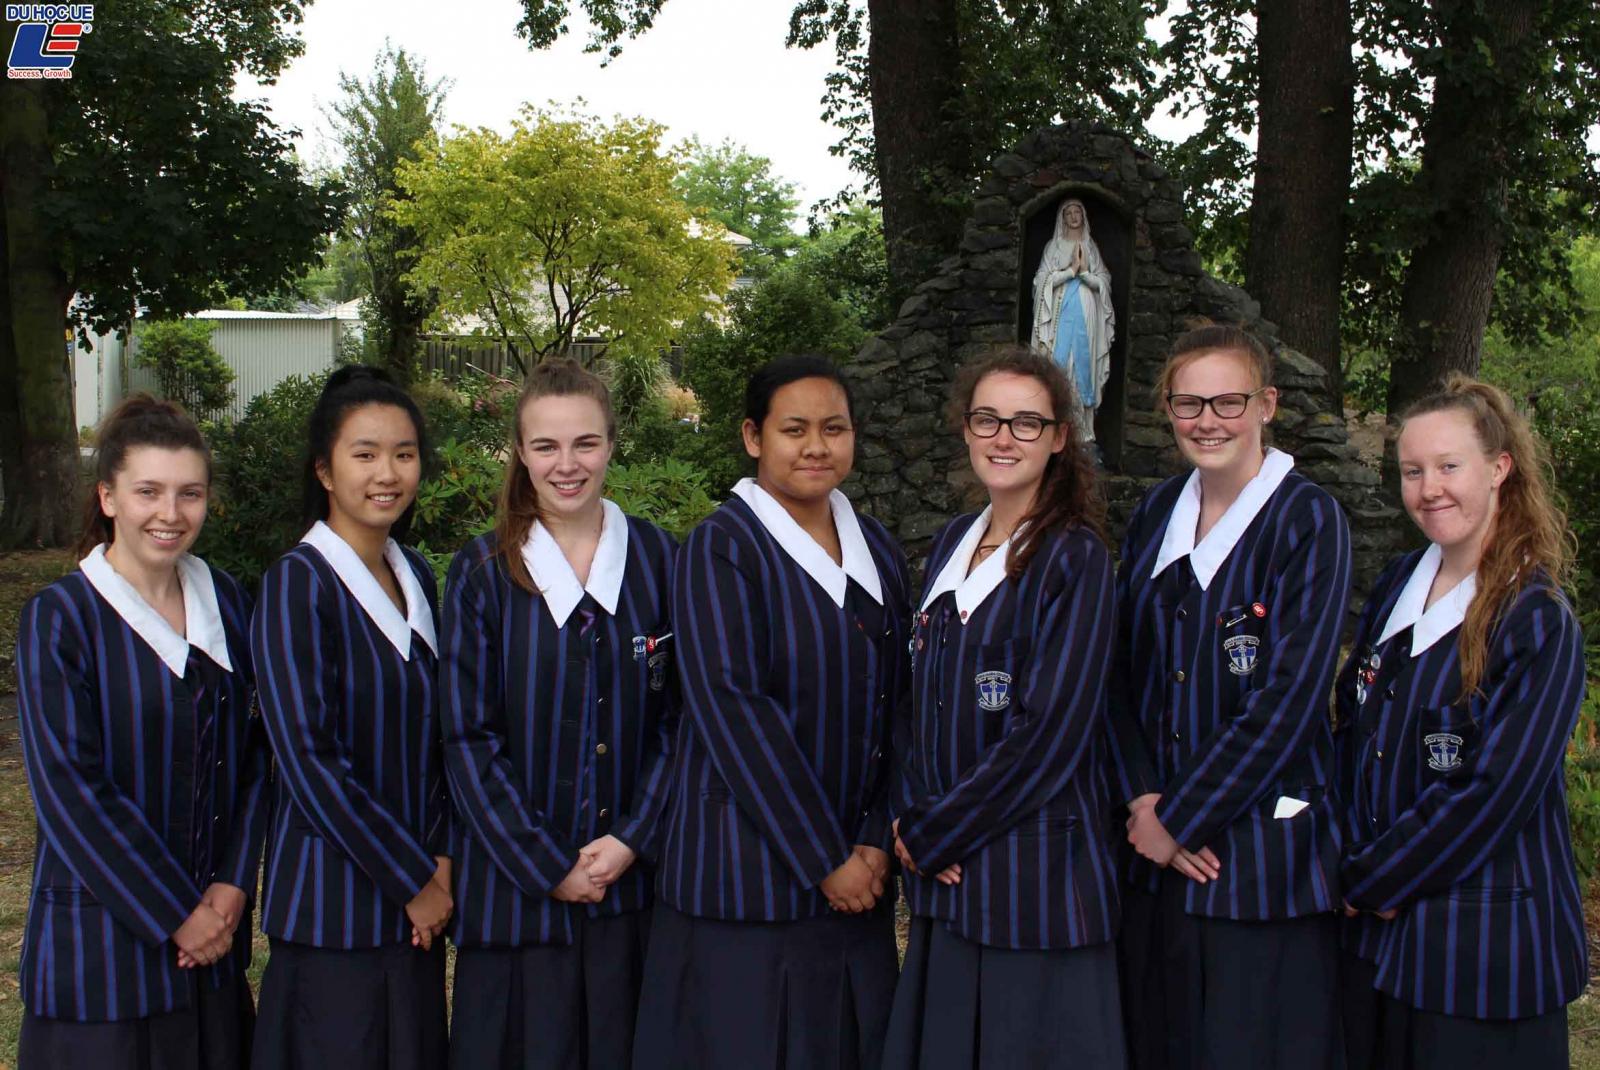 Học bổng hấp dẫn của chính phủ New Zealand dành cho chương trình trung học phổ thông vào trường Villa Maria College 2